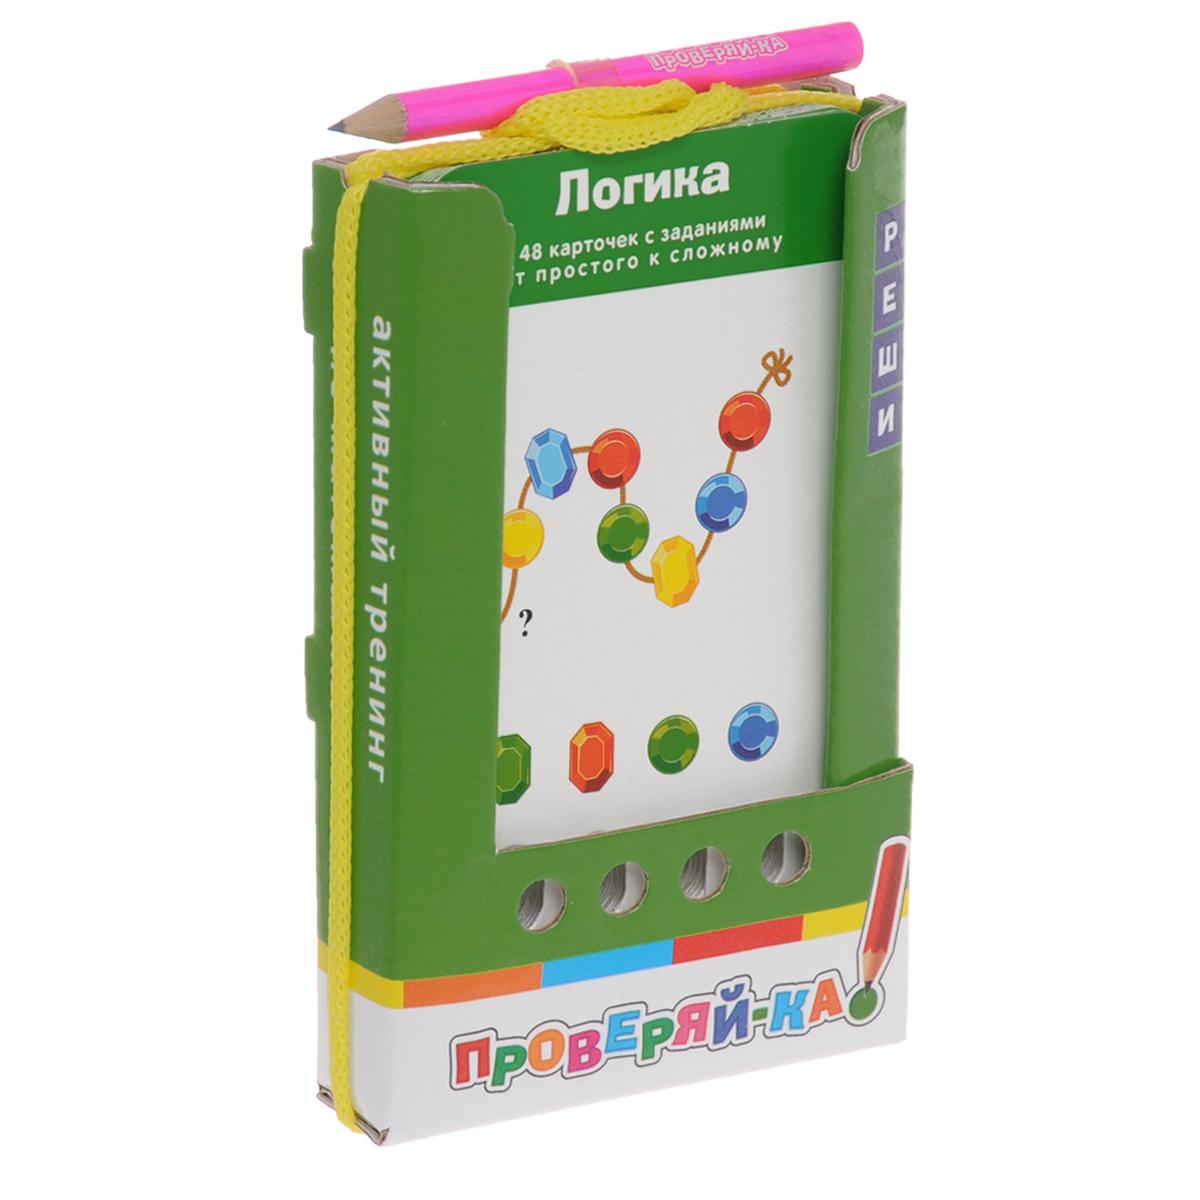 Айрис-пресс Обучающая игра Логика978-5-8112-5473-6Комплект состоит из 48 двухсторонних карточек и рассчитан на две разных игры с цветной и чёрно-белой сторонами. Задания ориентированы на развитие образного и логического мышления, воображения. Условия игры с карточками подразумевают их многократное использование. Простота и удобство комплекта позволяют организовать игру в школе и дома, а также в транспорте или на природе. Благодаря игровой форме пособия учебный материал усваивается легче и без принуждения, реализуется безопасное для здоровья ребёнка обучение.